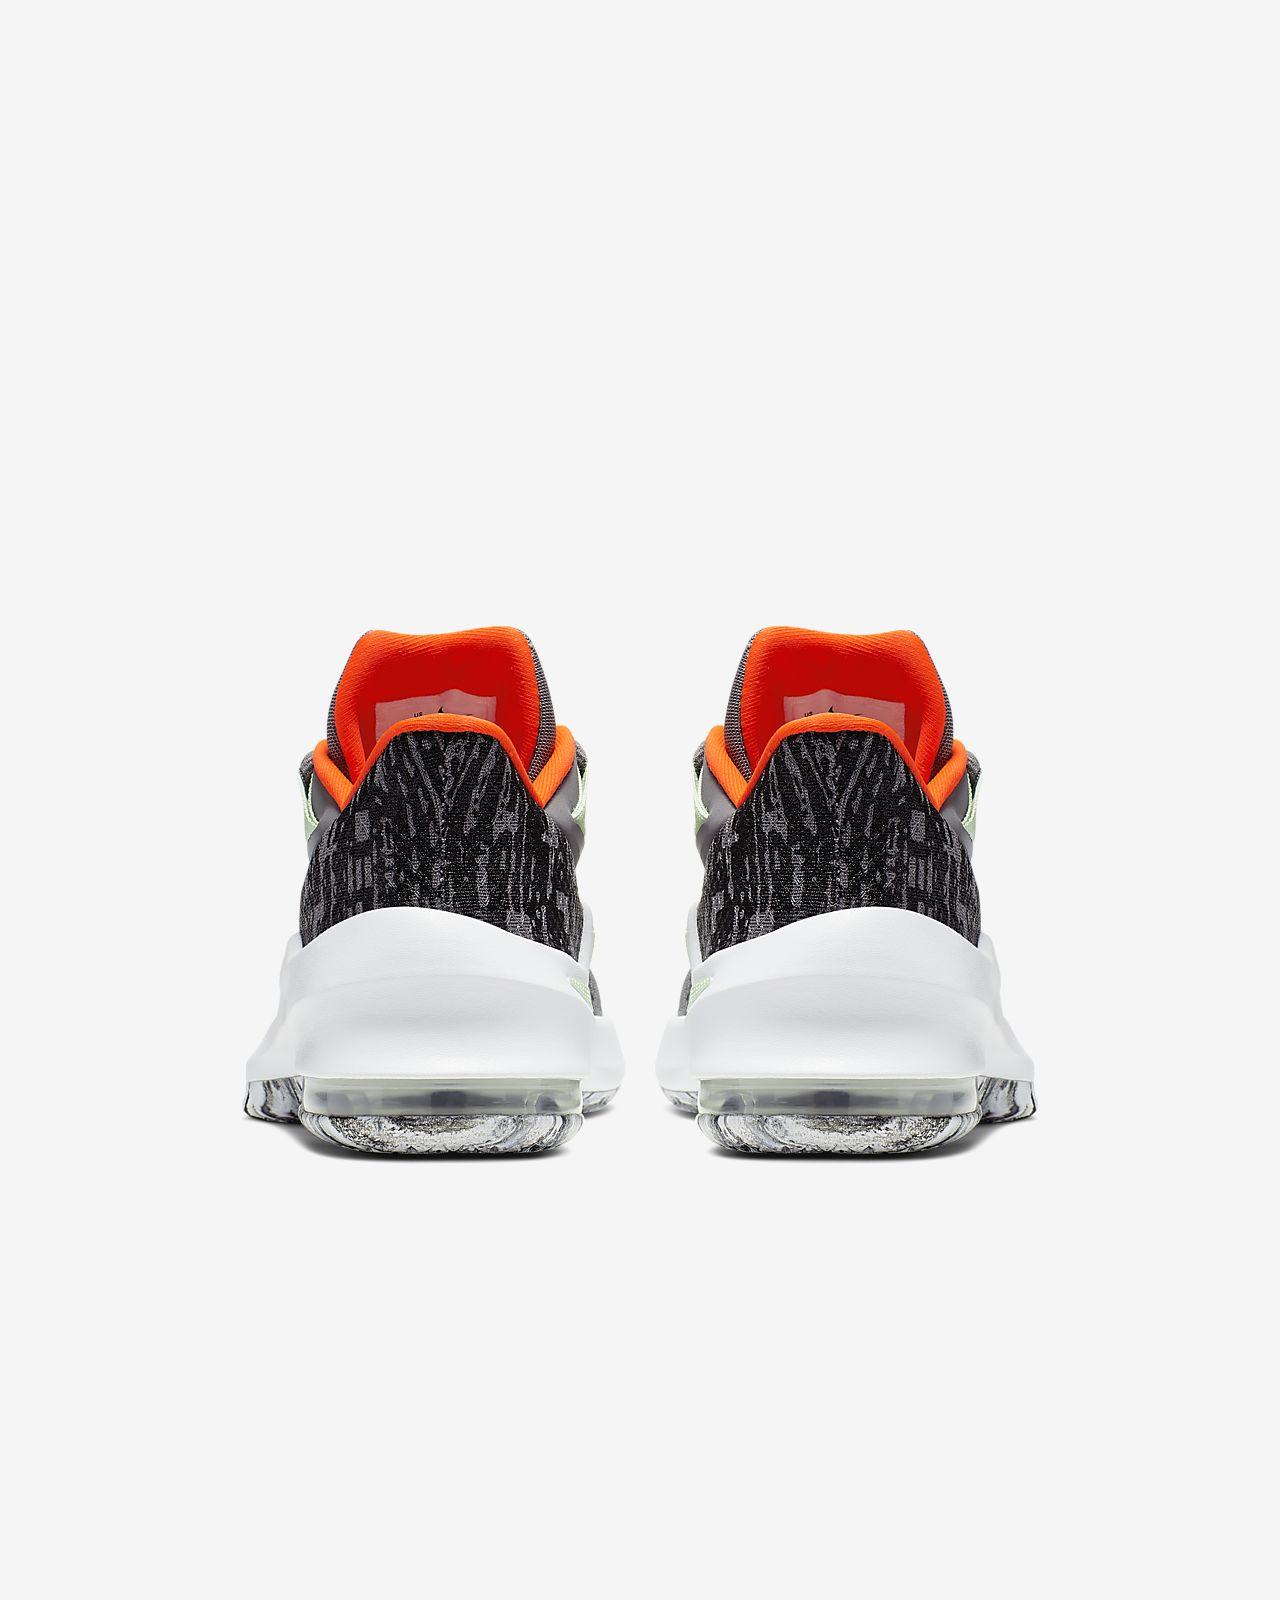 Nike Air Max Infuriate Mid Reviewed & Rated in 2019 | WalkJogRun